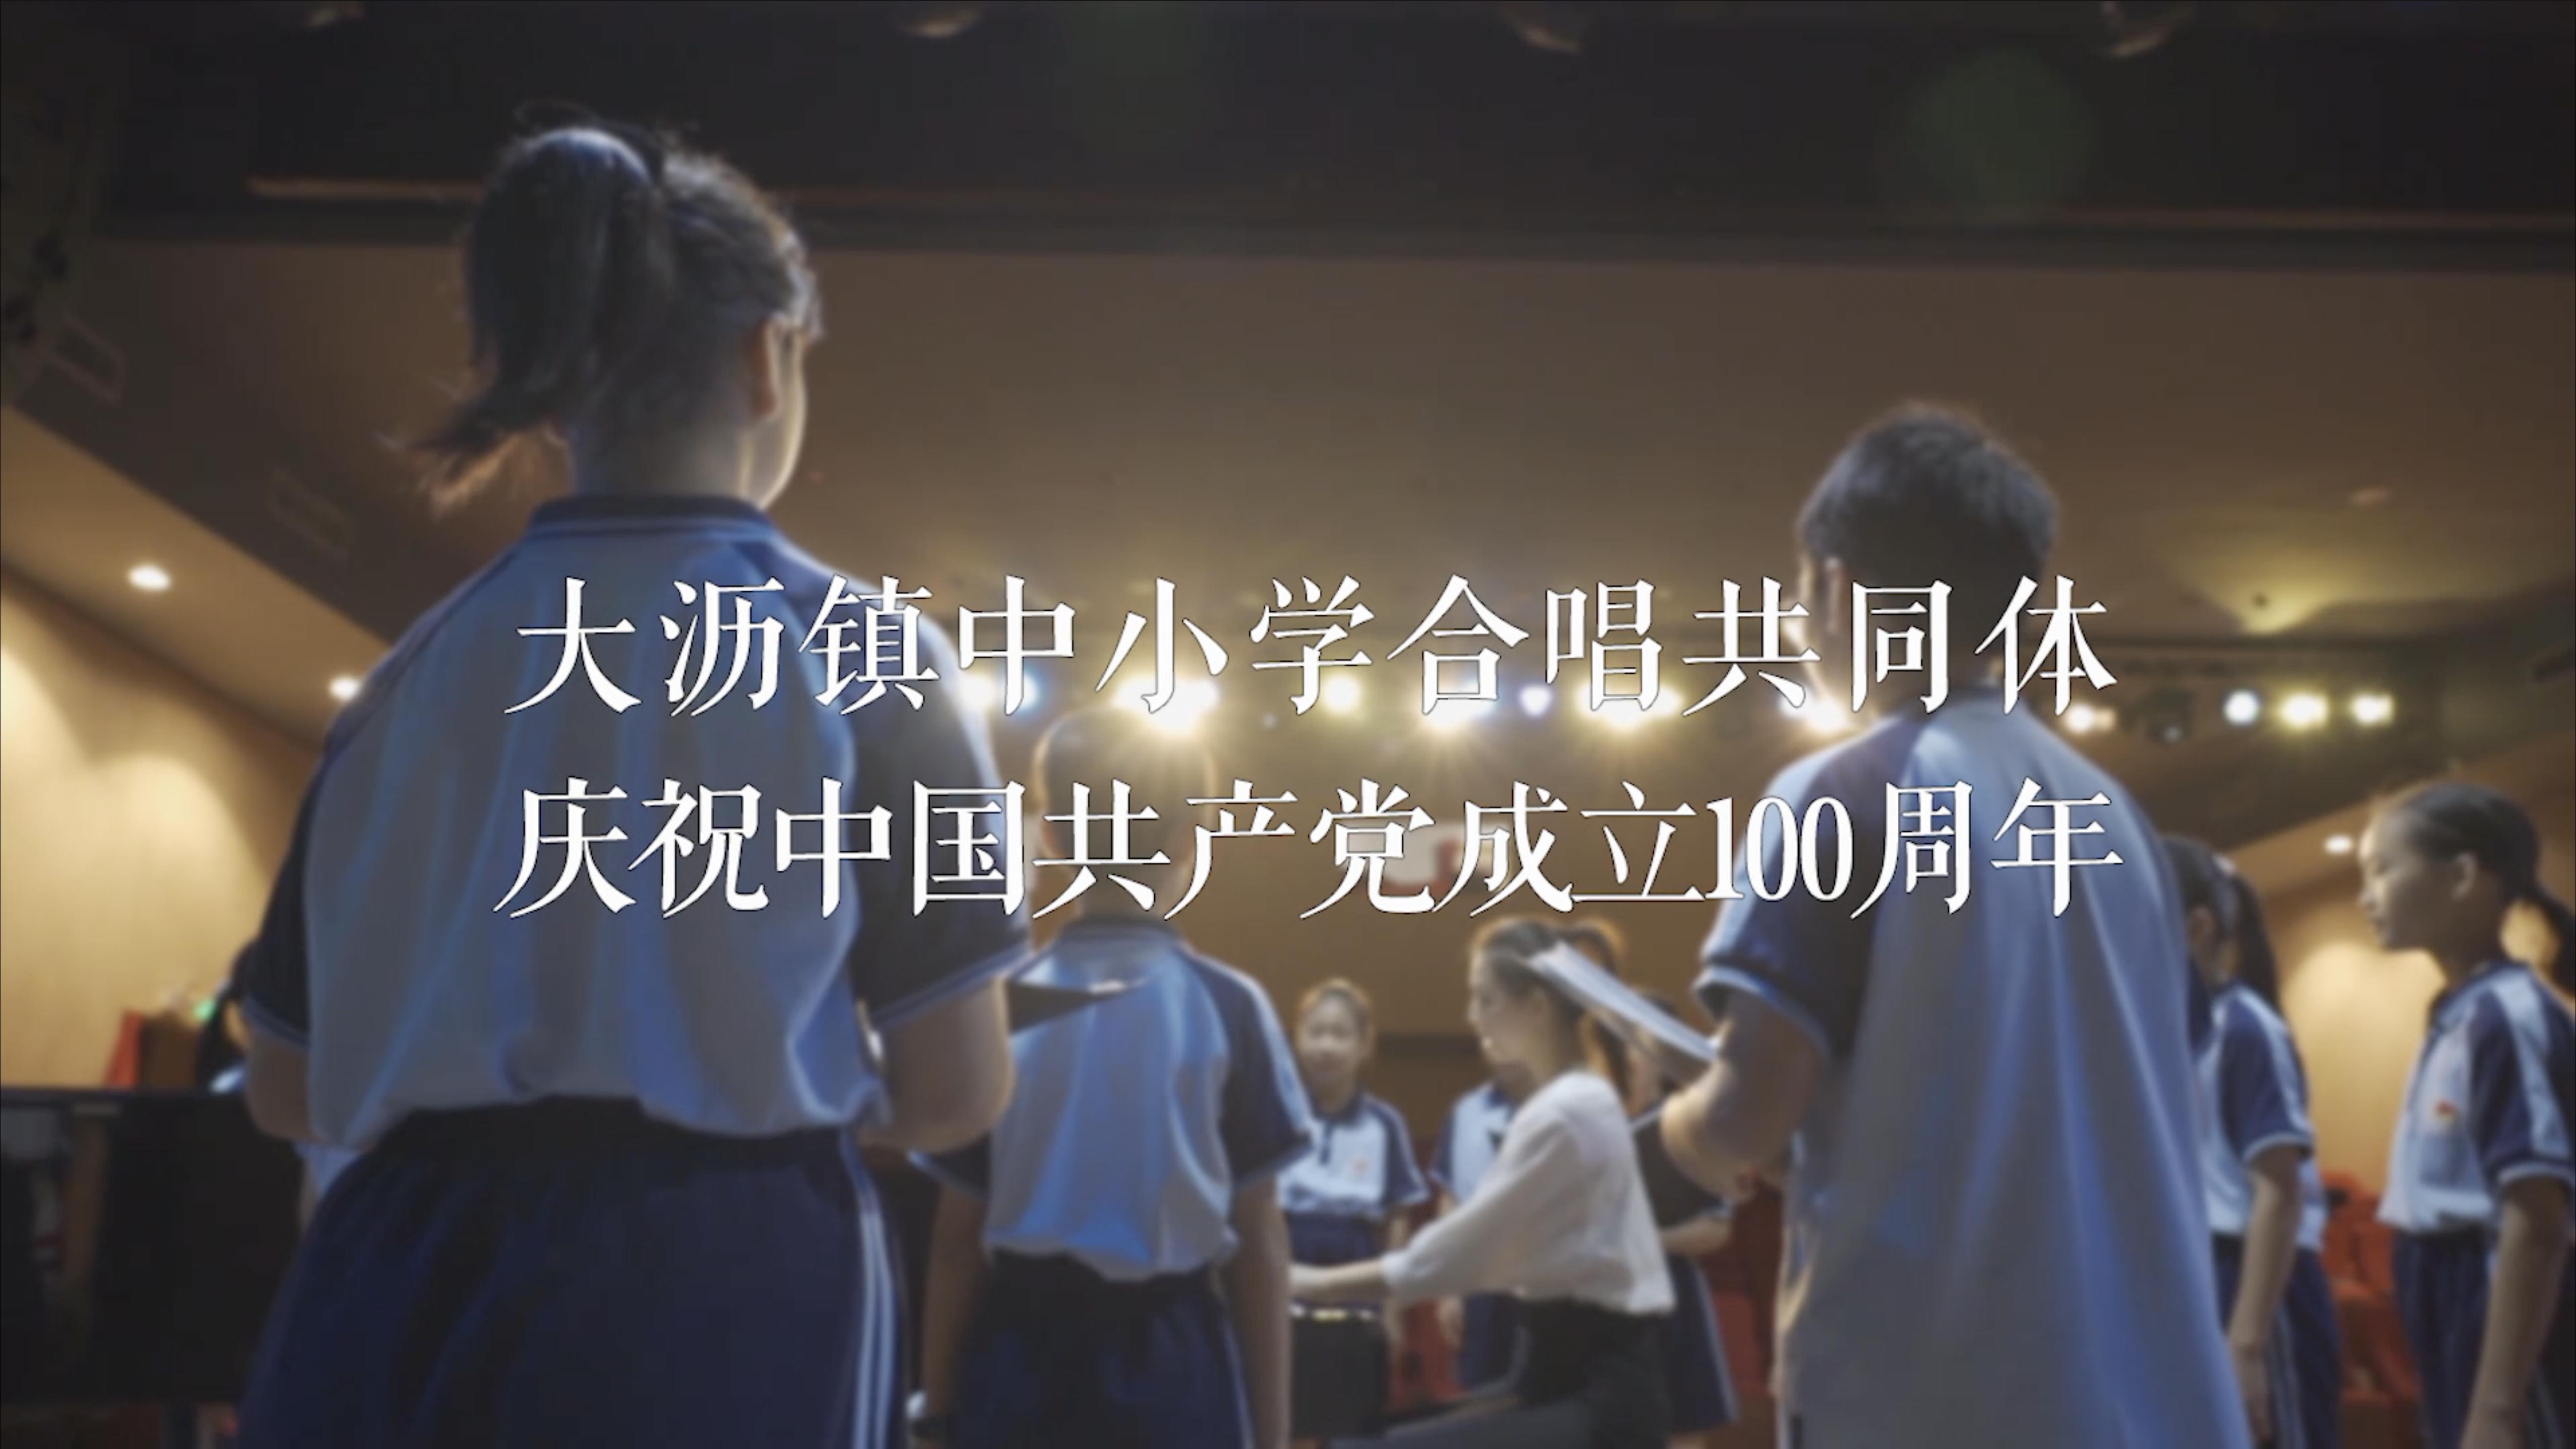 大瀝鎮中小學合唱共同體《燈火里的中國》(最終版))封面圖.png